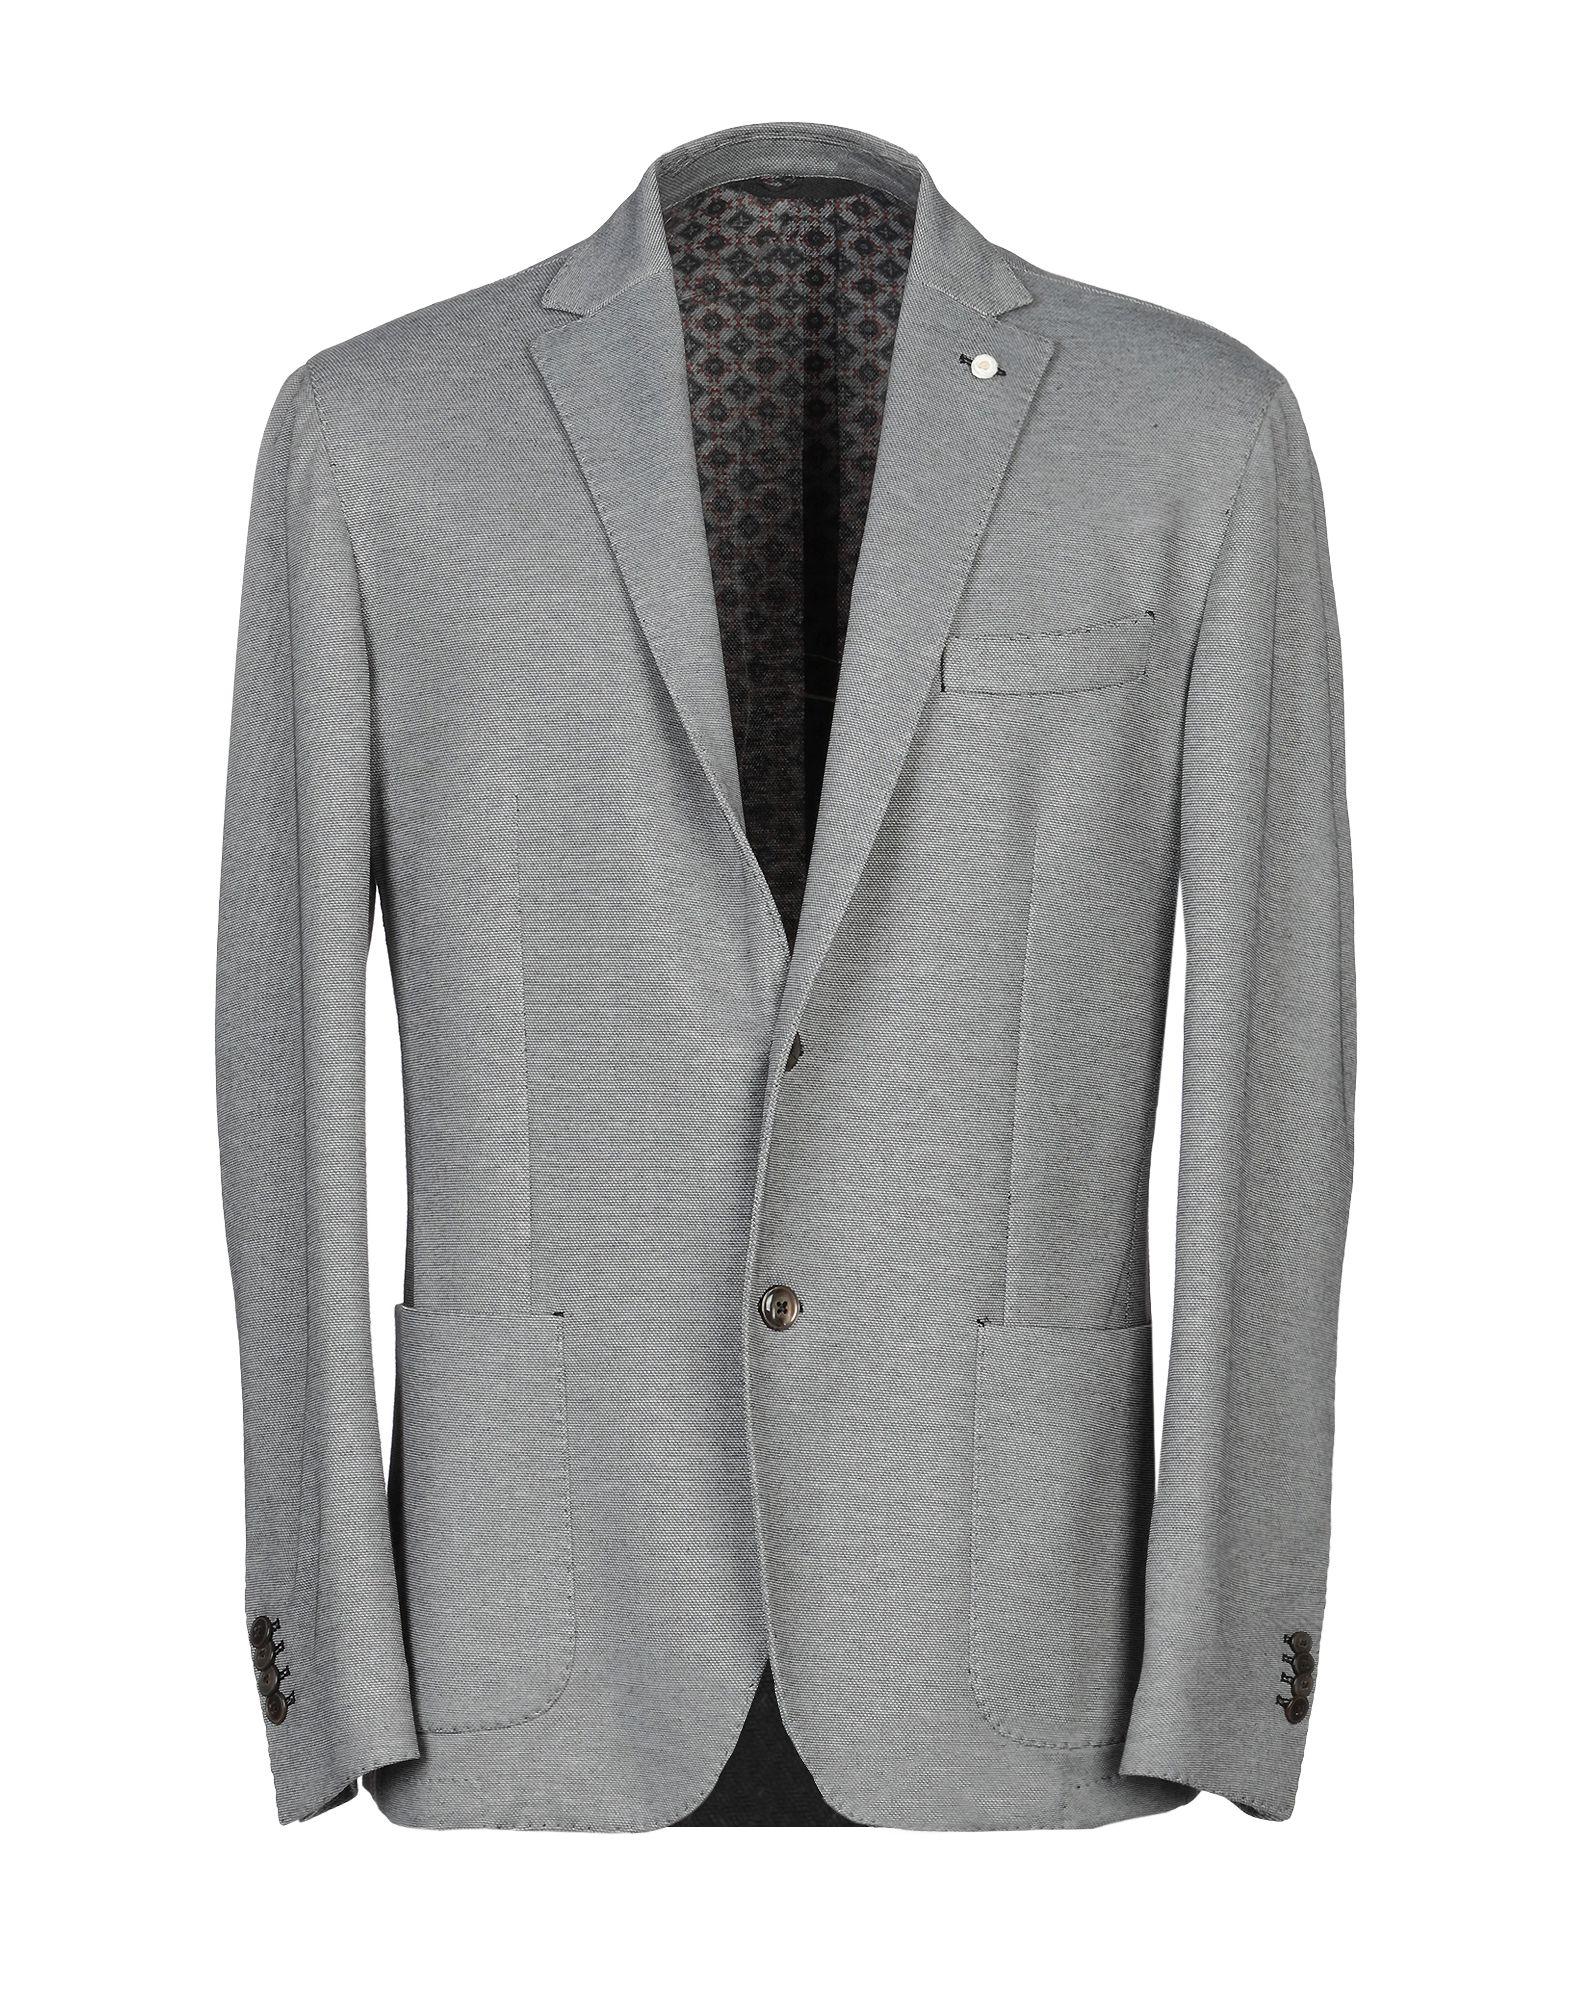 《期間限定セール中》LUIGI BIANCHI ROUGH メンズ テーラードジャケット ライトグレー 54 コットン 60% / ポリエステル 40%